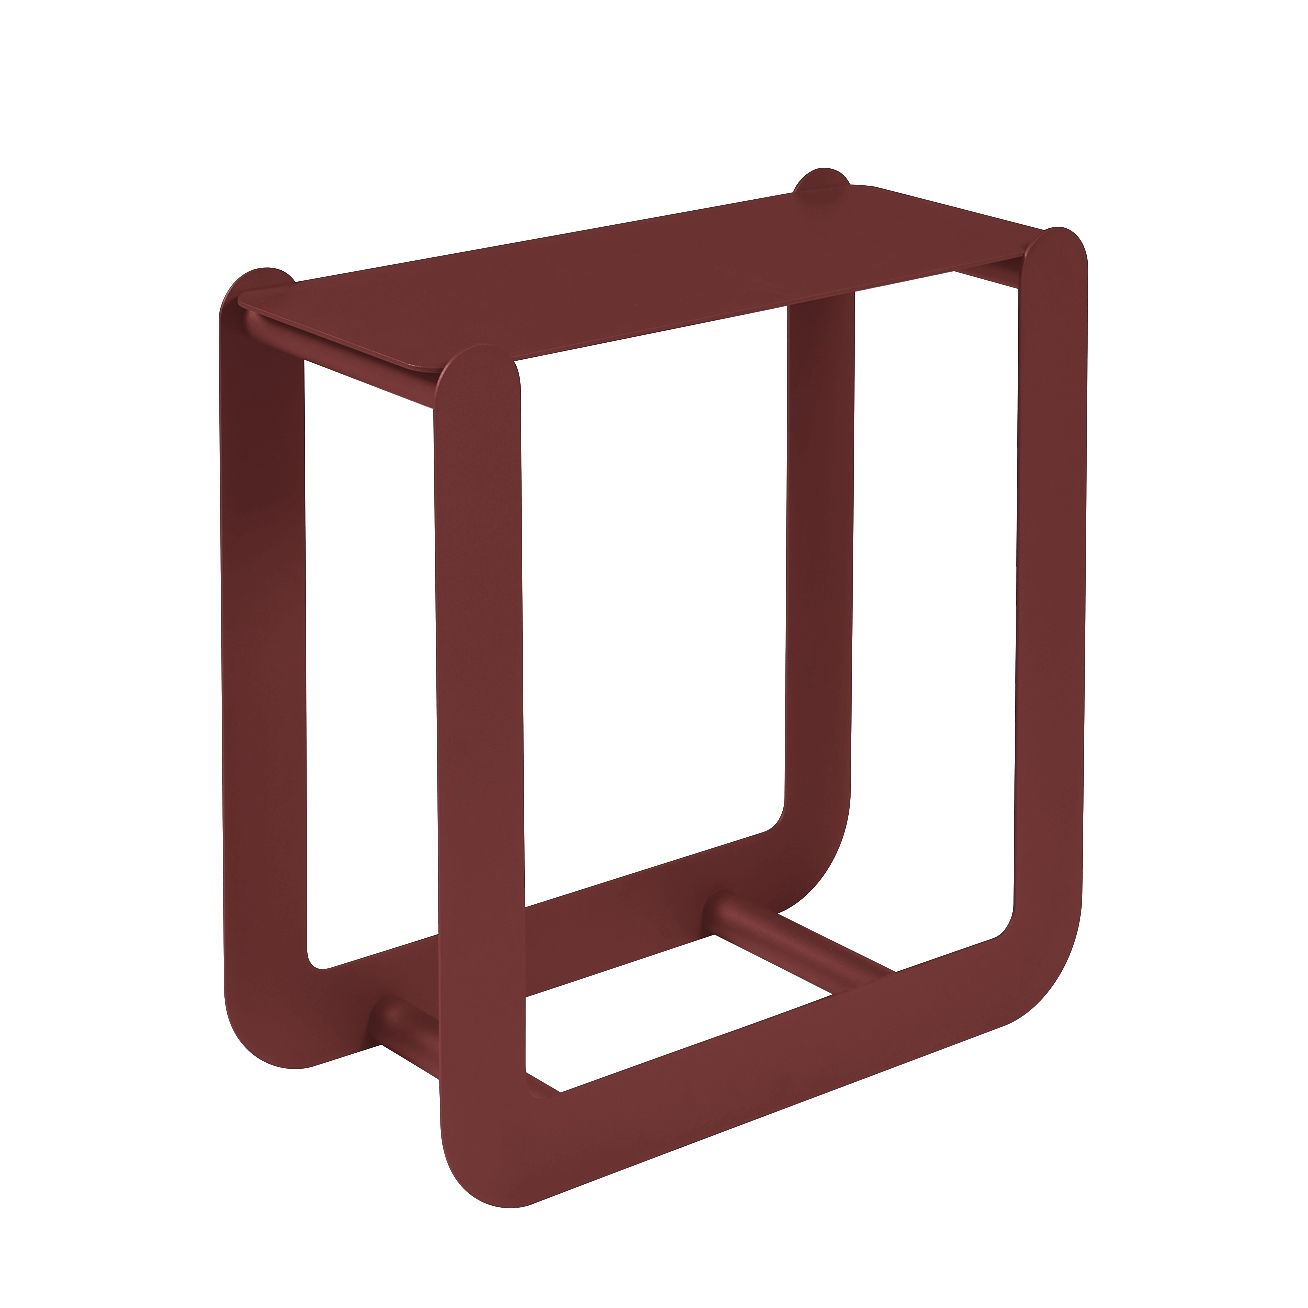 Mobilier - Compléments d'ameublement - Porte-bûches Nevado / Tabouret - L 60 x H 60 cm - Fermob - Piment - Acier